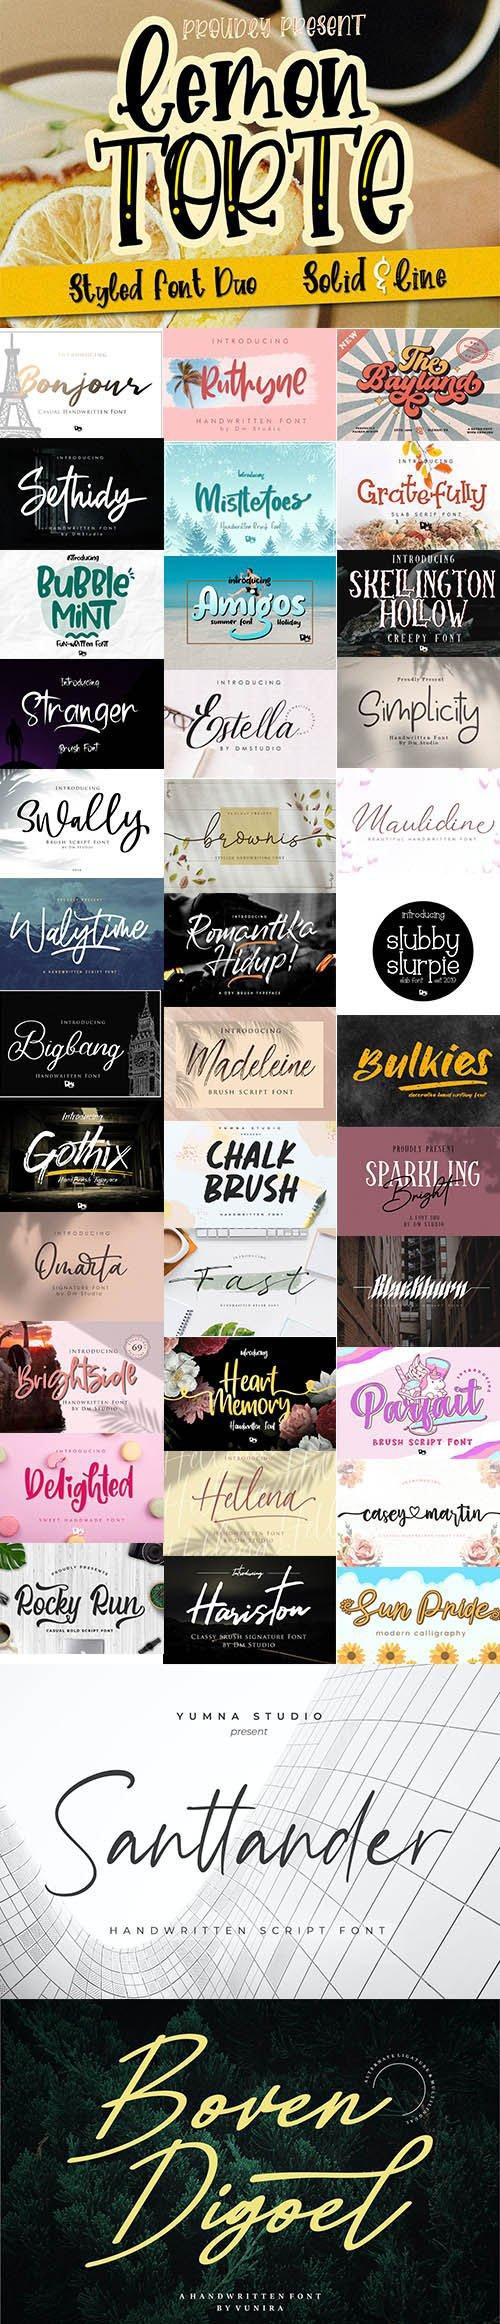 Super Fonts Pack Vol.5 [Aug/2020] - 39 Fonts